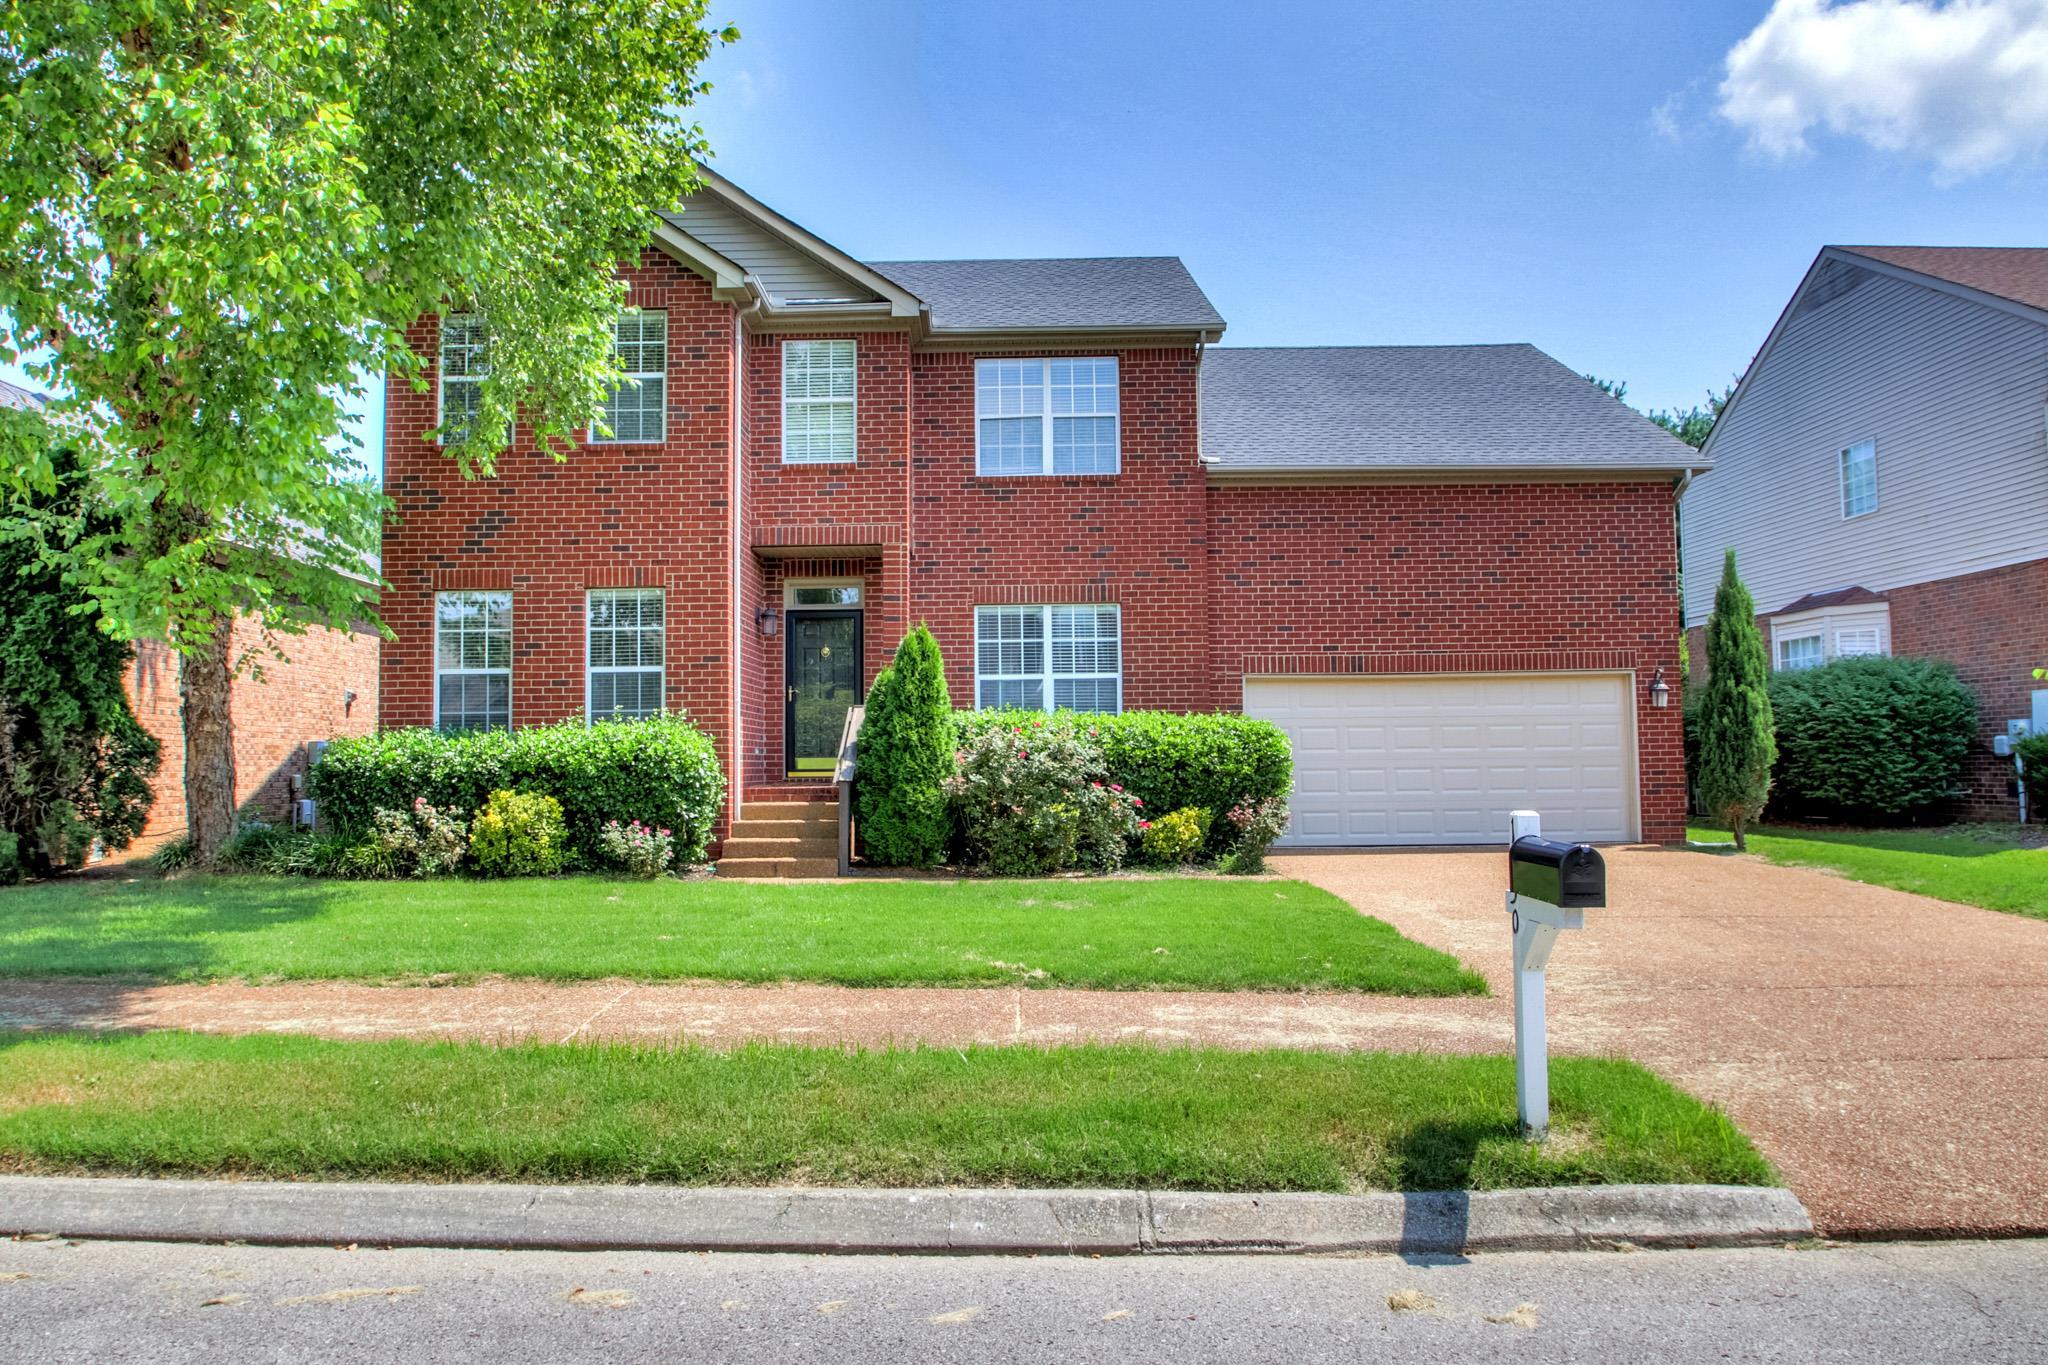 1030 Glastonbury Dr, Franklin, TN 37069 - Franklin, TN real estate listing